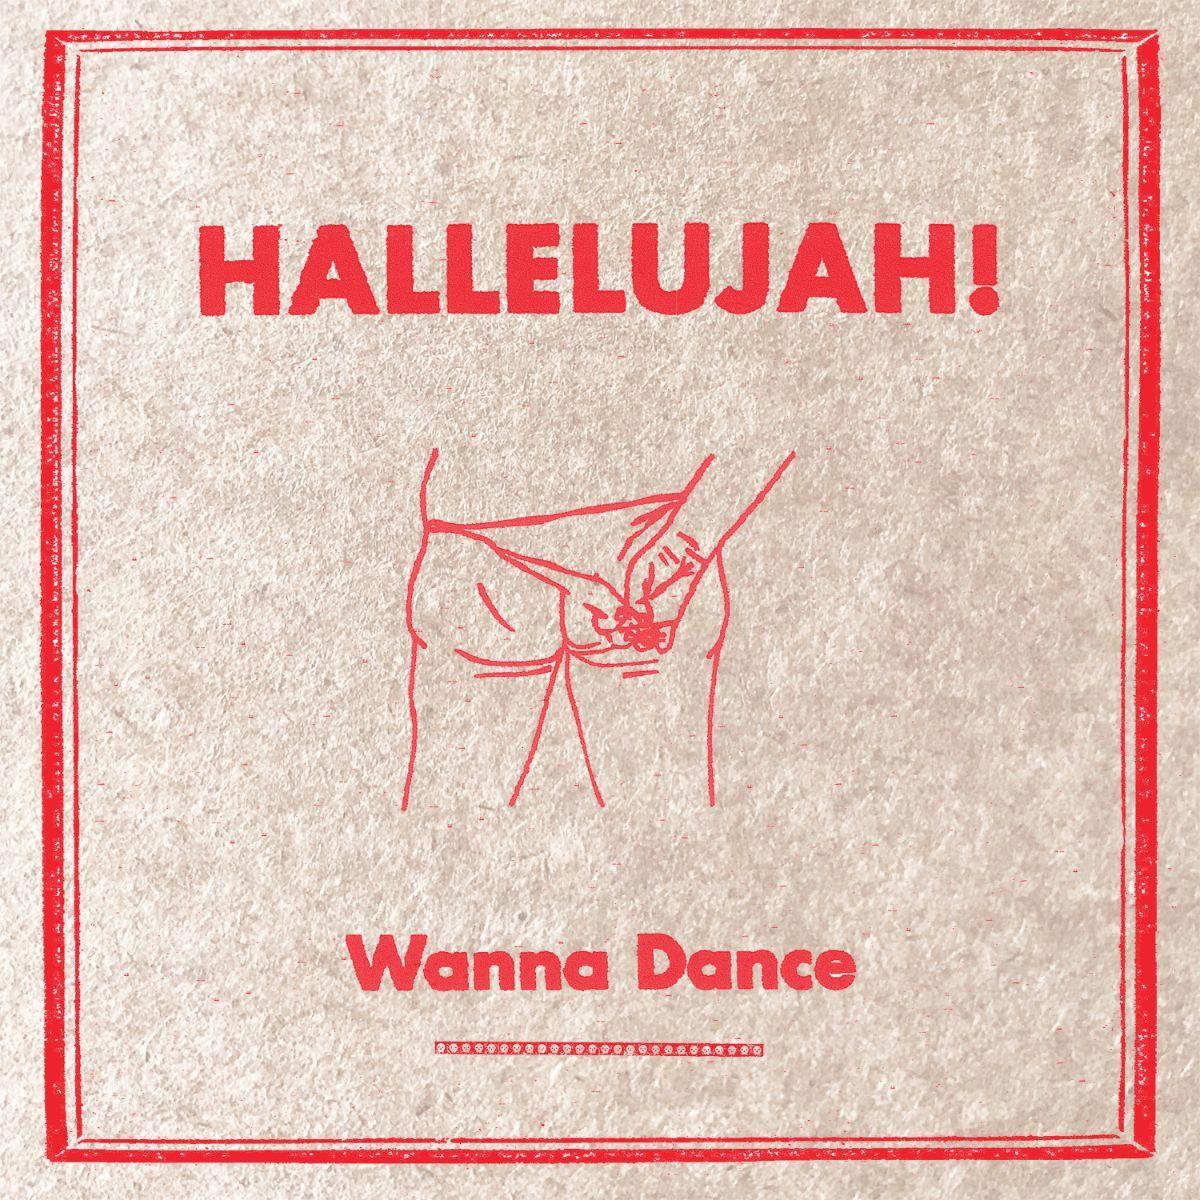 Hallelujah!: le frontiere del punk, tra dissacrazione e synth 2 - fanzine